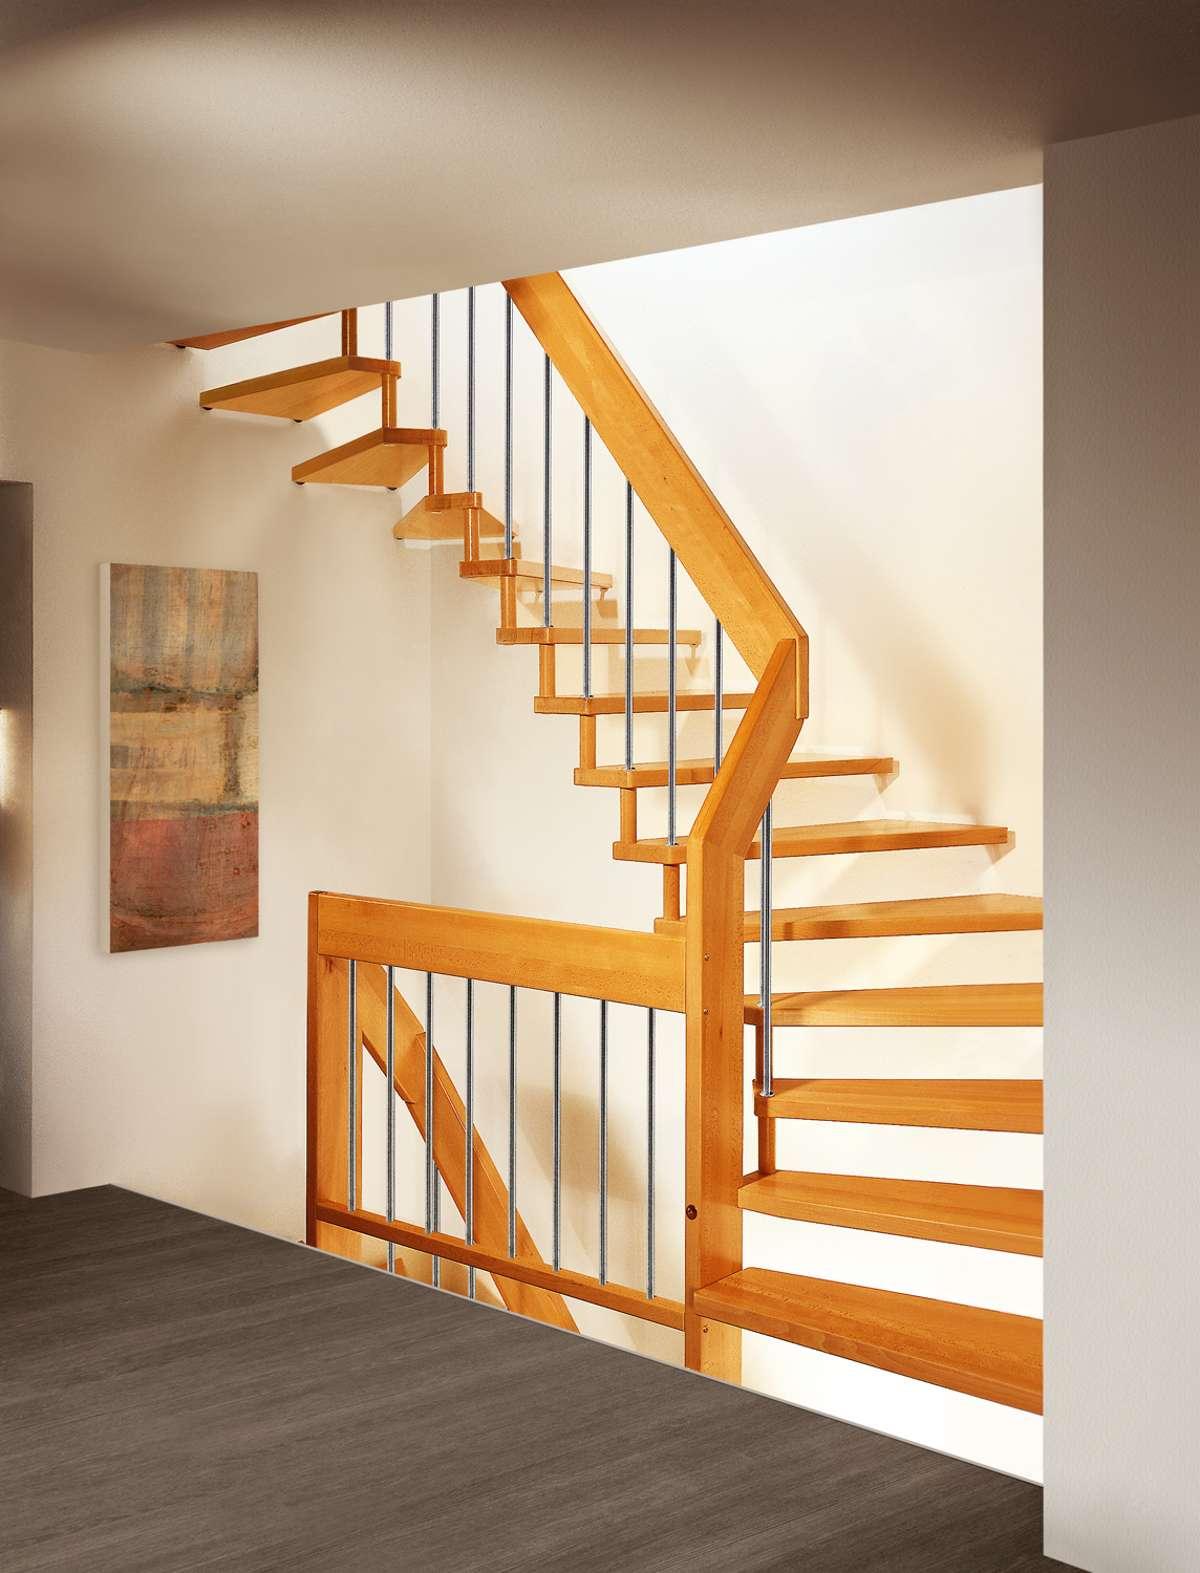 arcus treppen bildergalerie. Black Bedroom Furniture Sets. Home Design Ideas